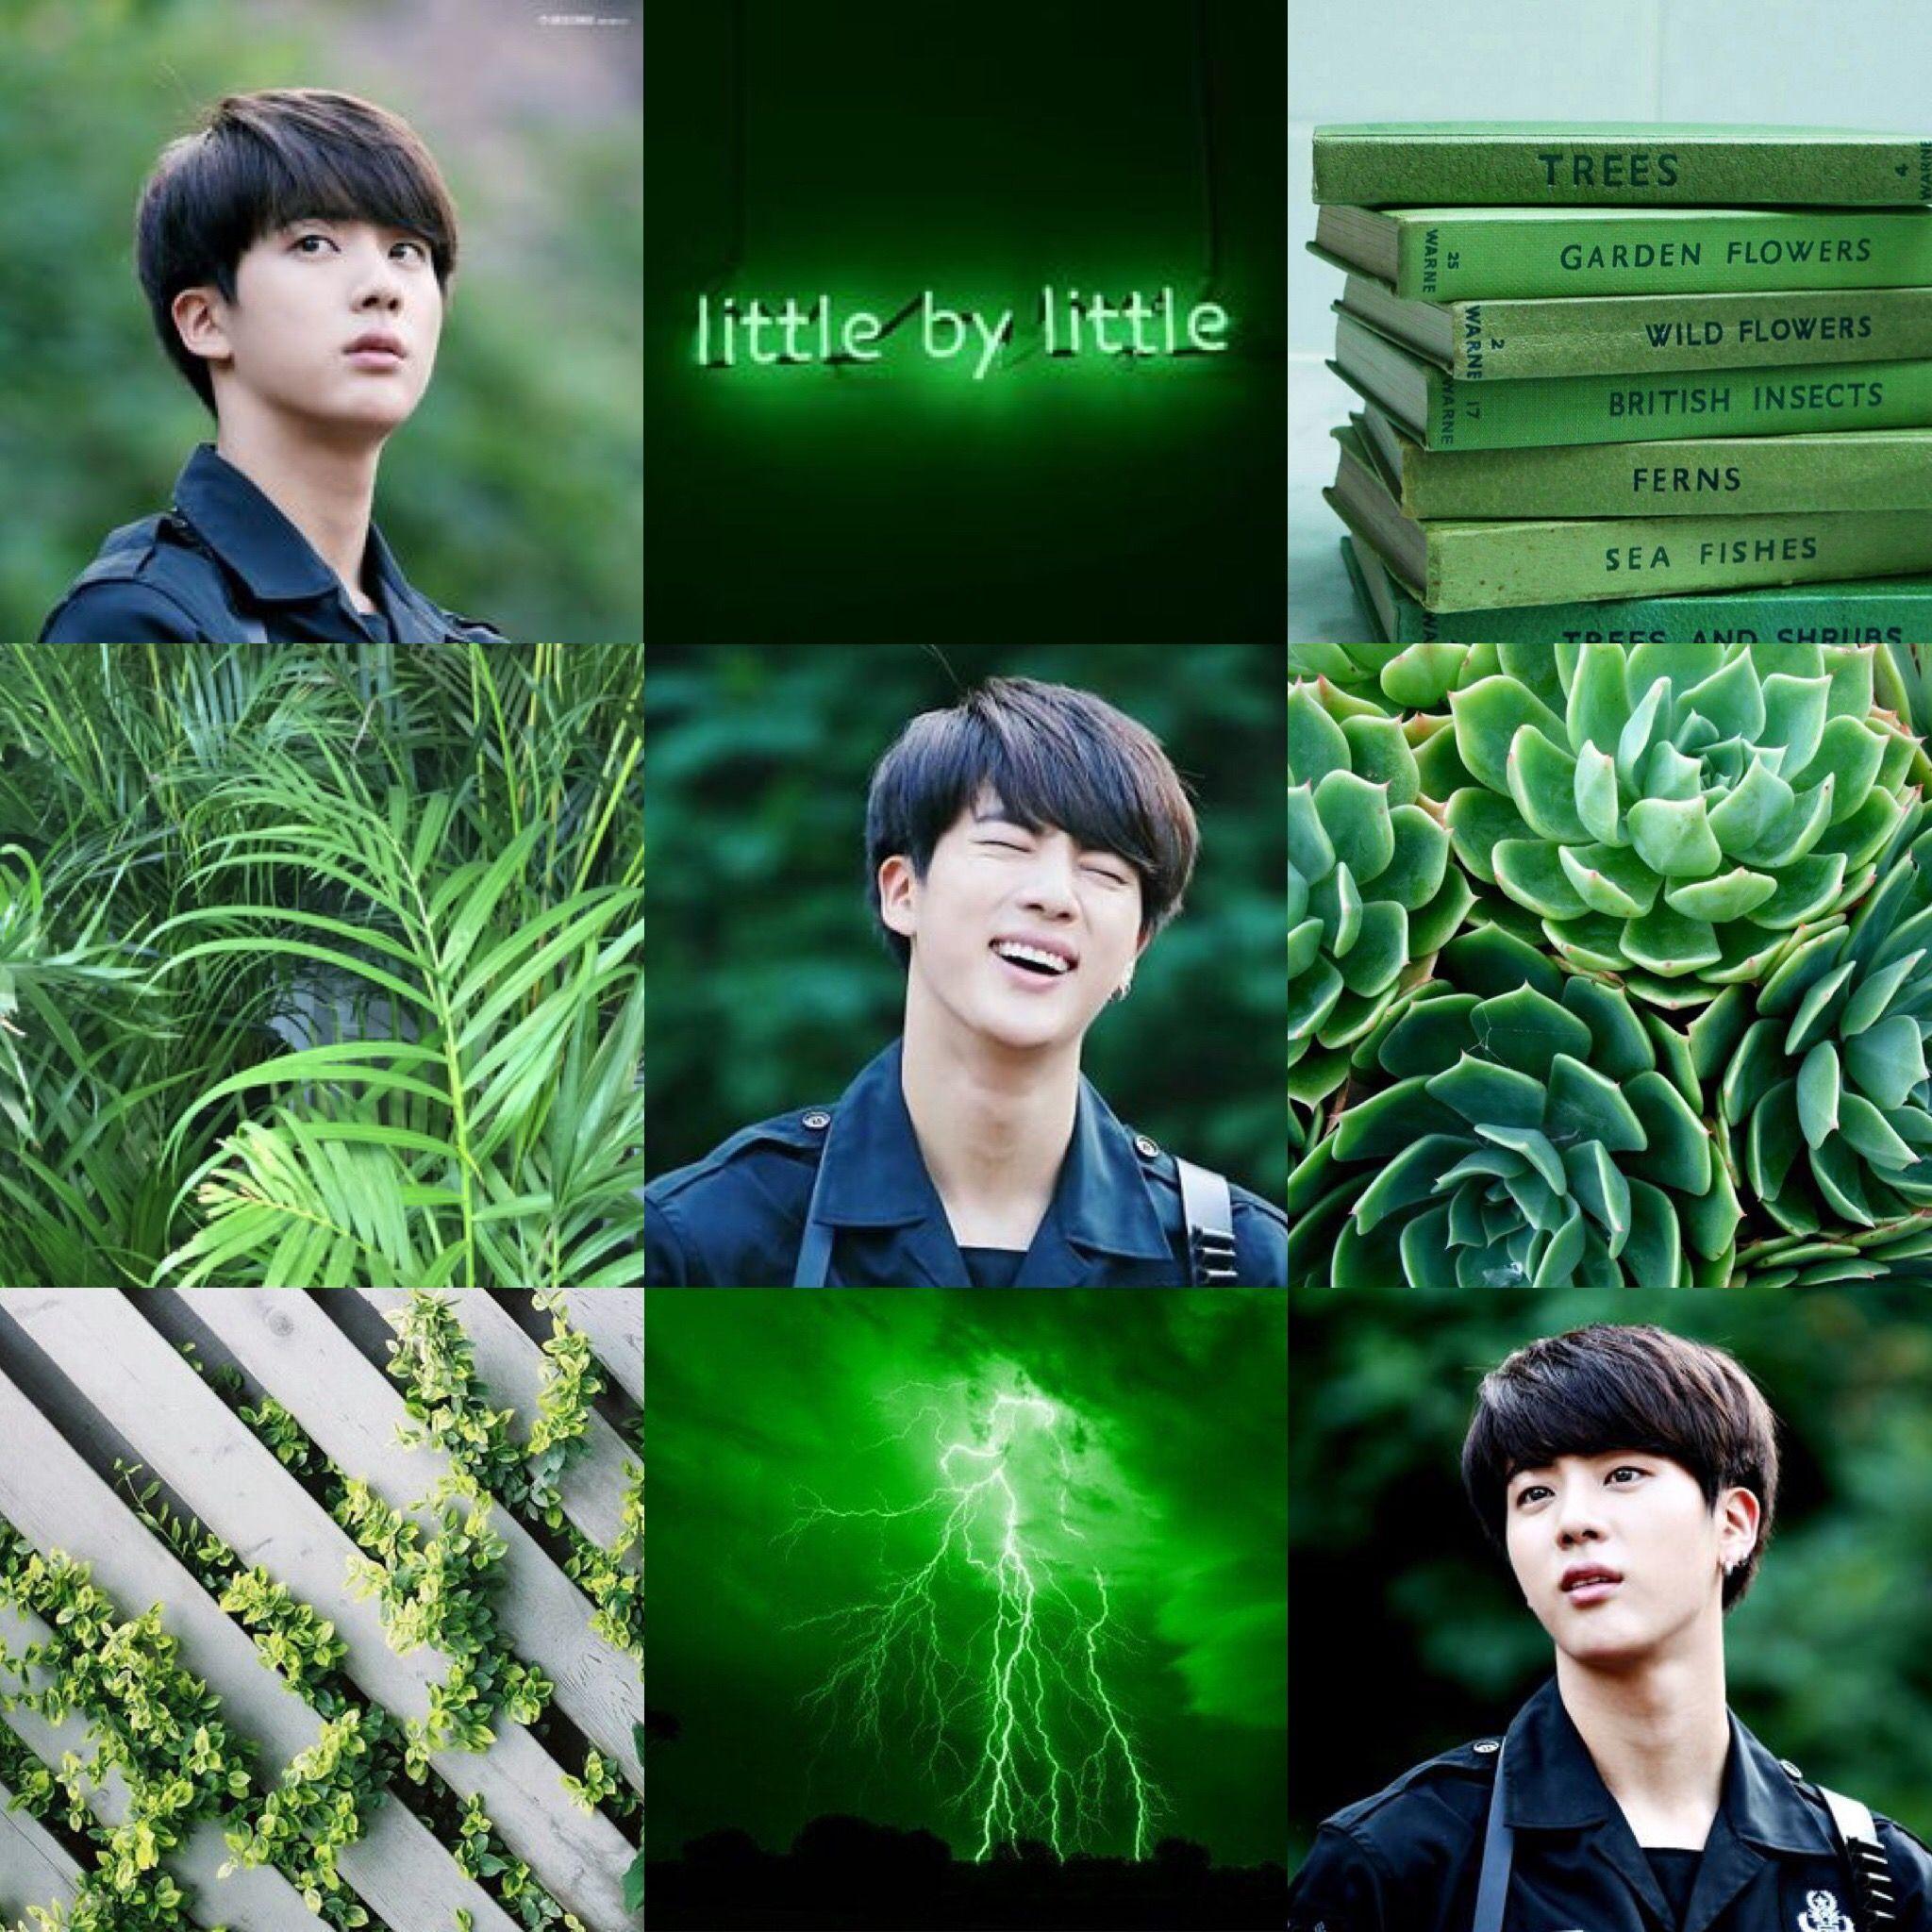 Jin Dark Green Aesthetic Hijau